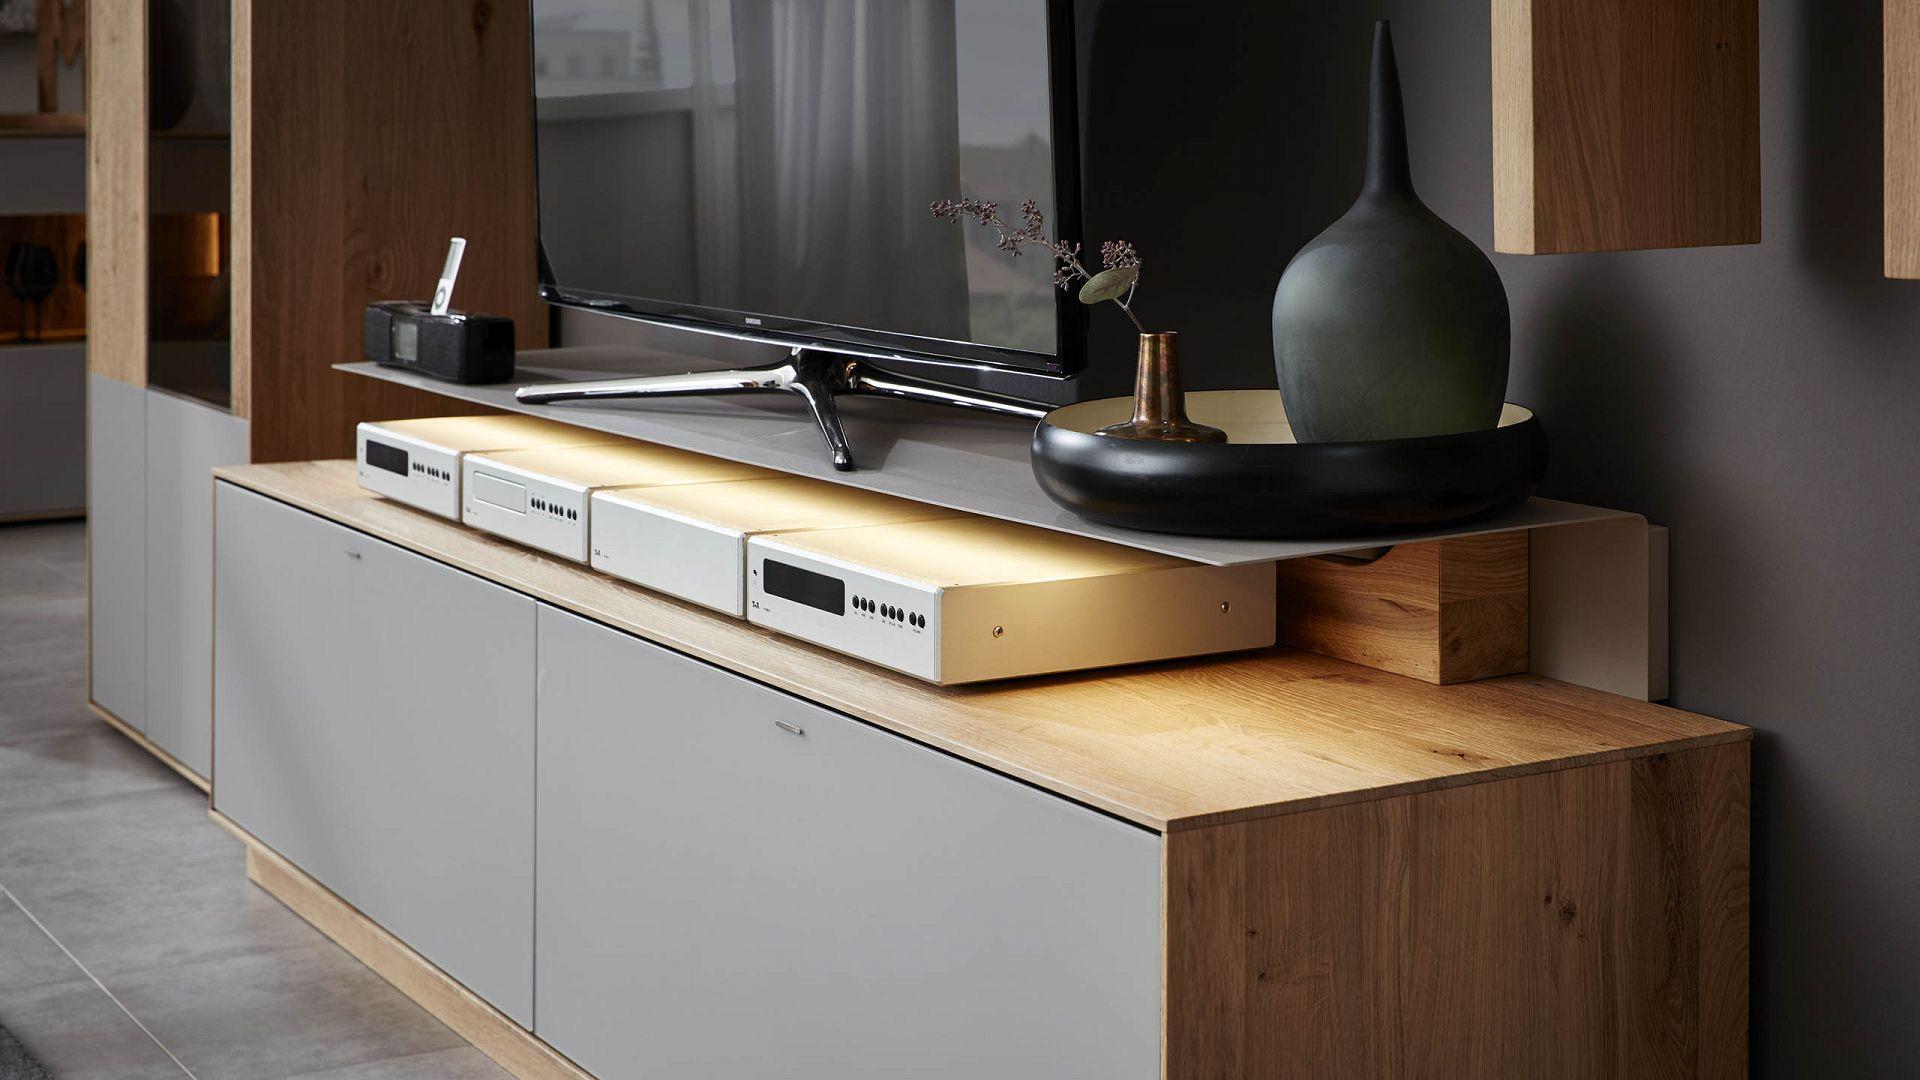 interliving wohnzimmer serie 2001 wohnwand 5 jahre garantie m bel schaumann. Black Bedroom Furniture Sets. Home Design Ideas